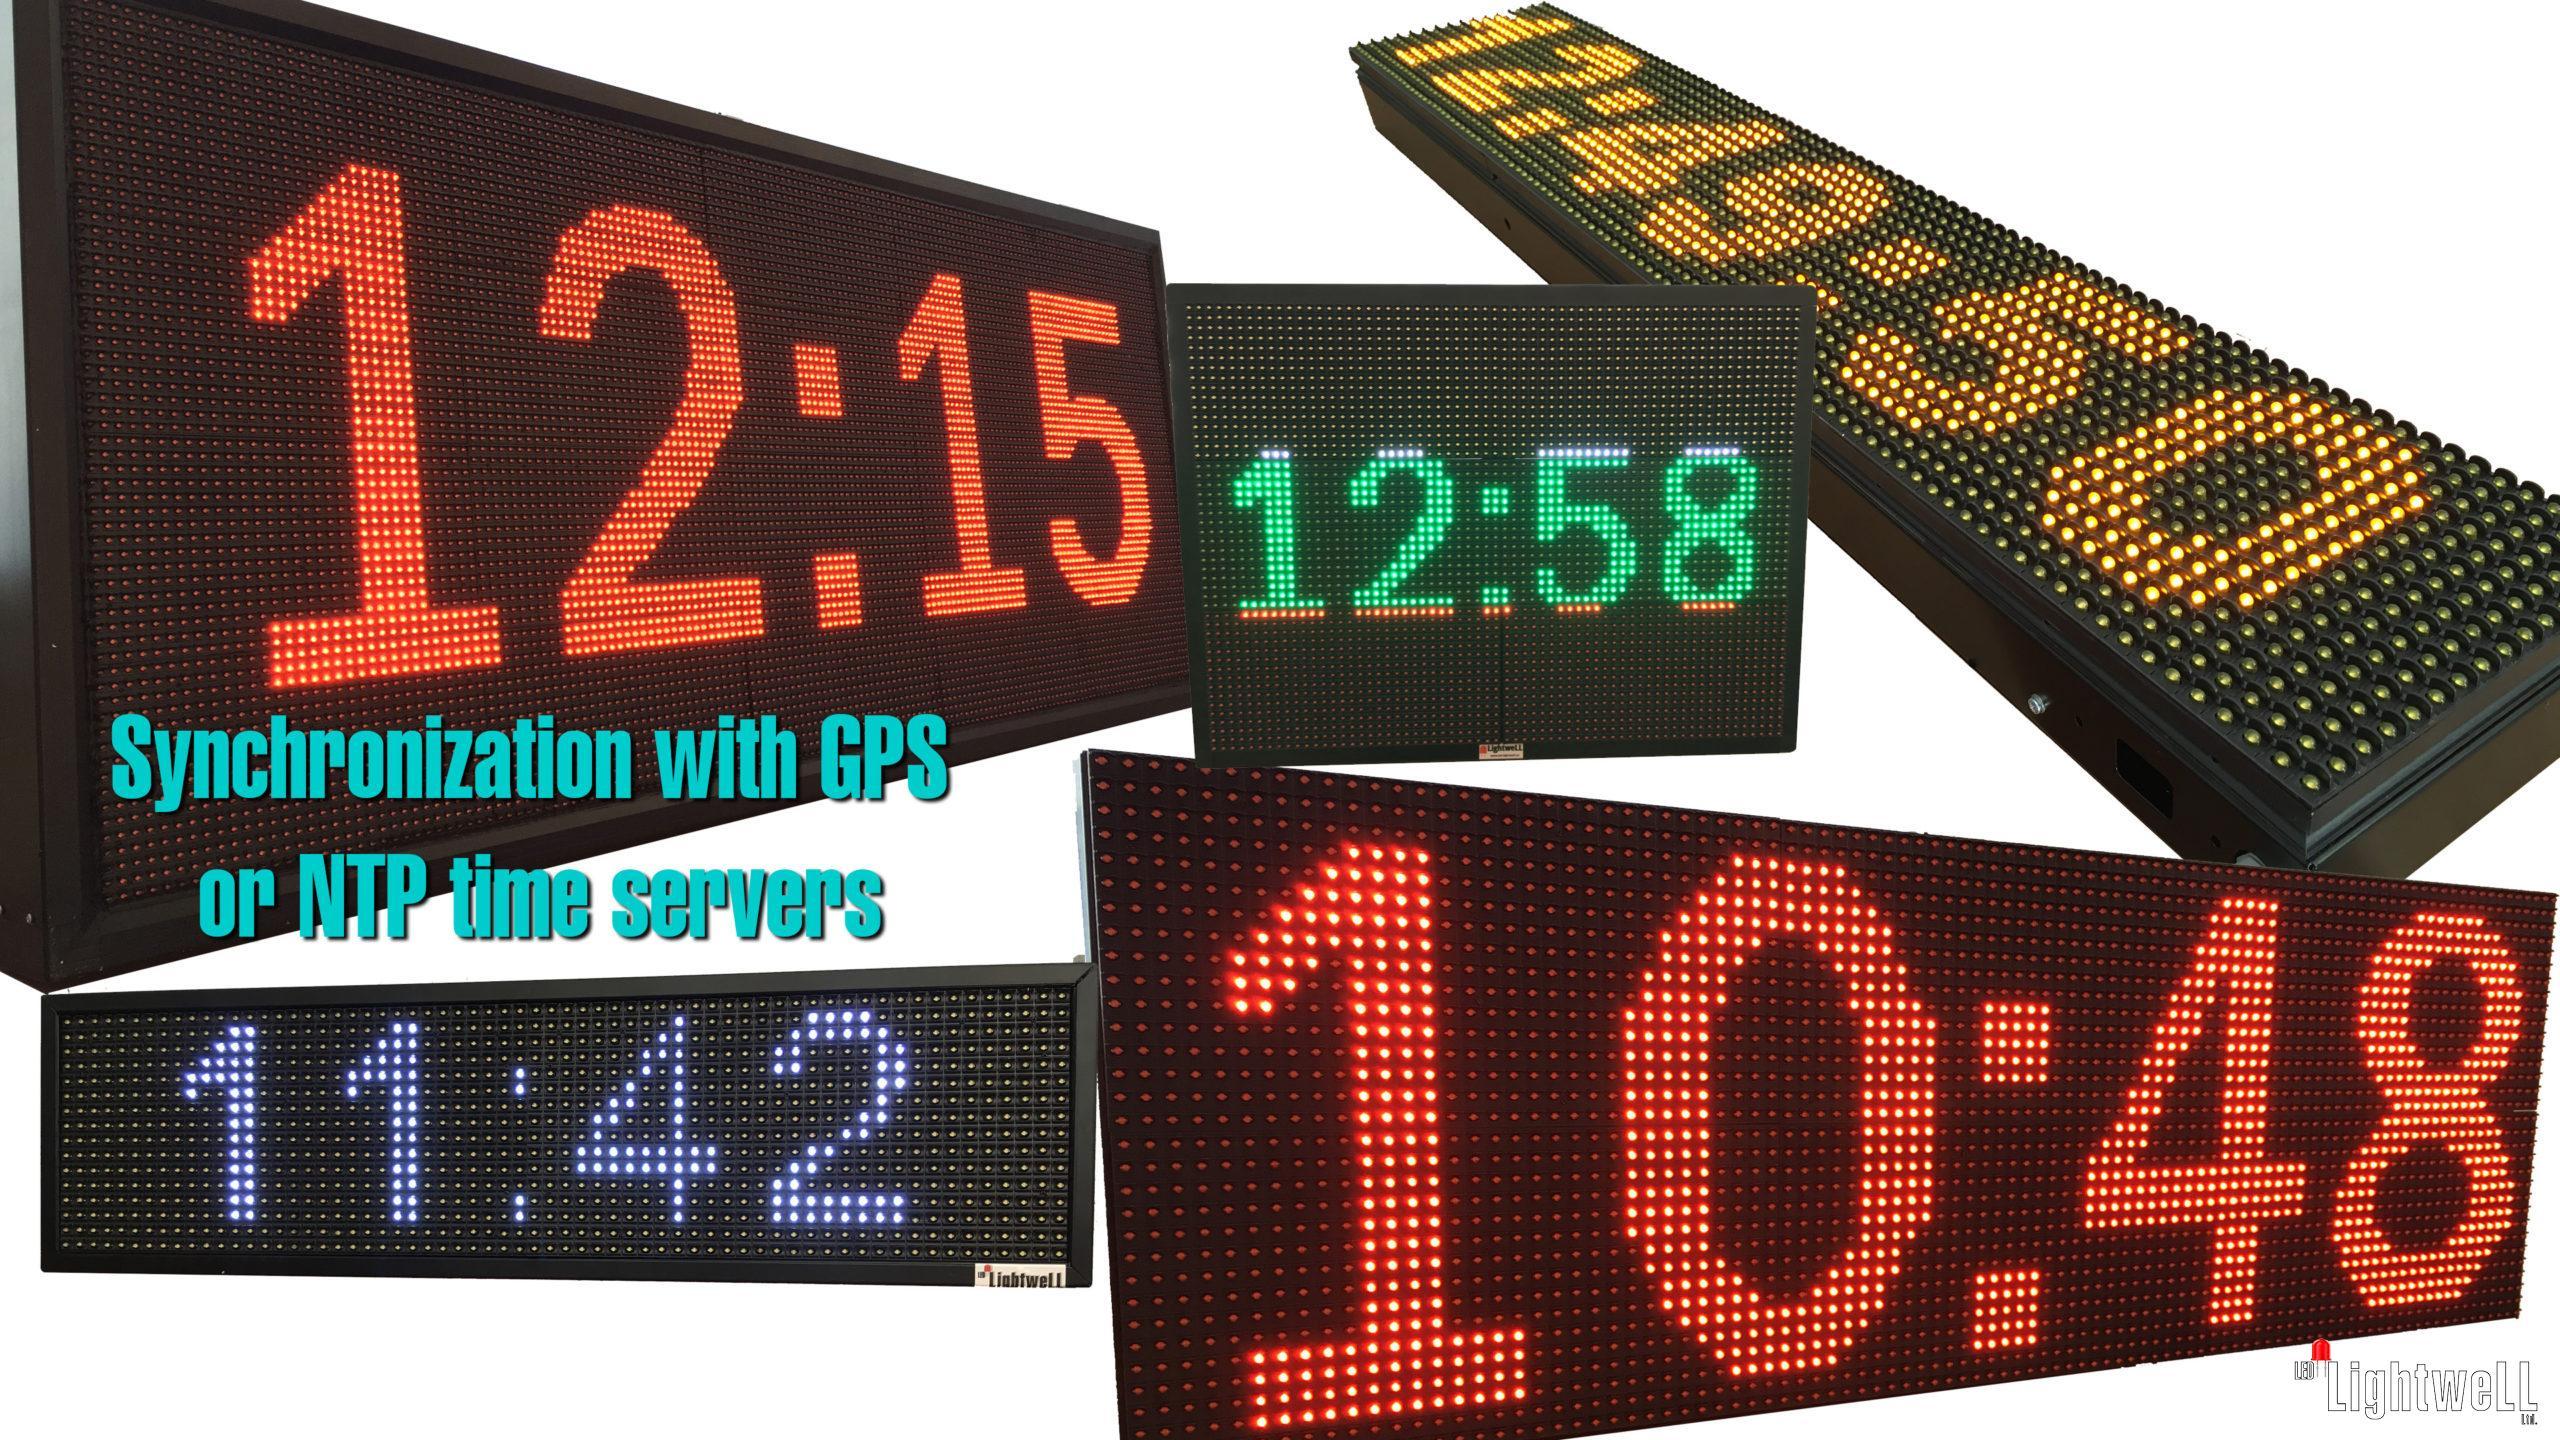 Светеща LED Табела – ОТВОРЕНО / ЗАТВОРЕНО с GPS часовник, прогноза за времето, новини и течащ текст